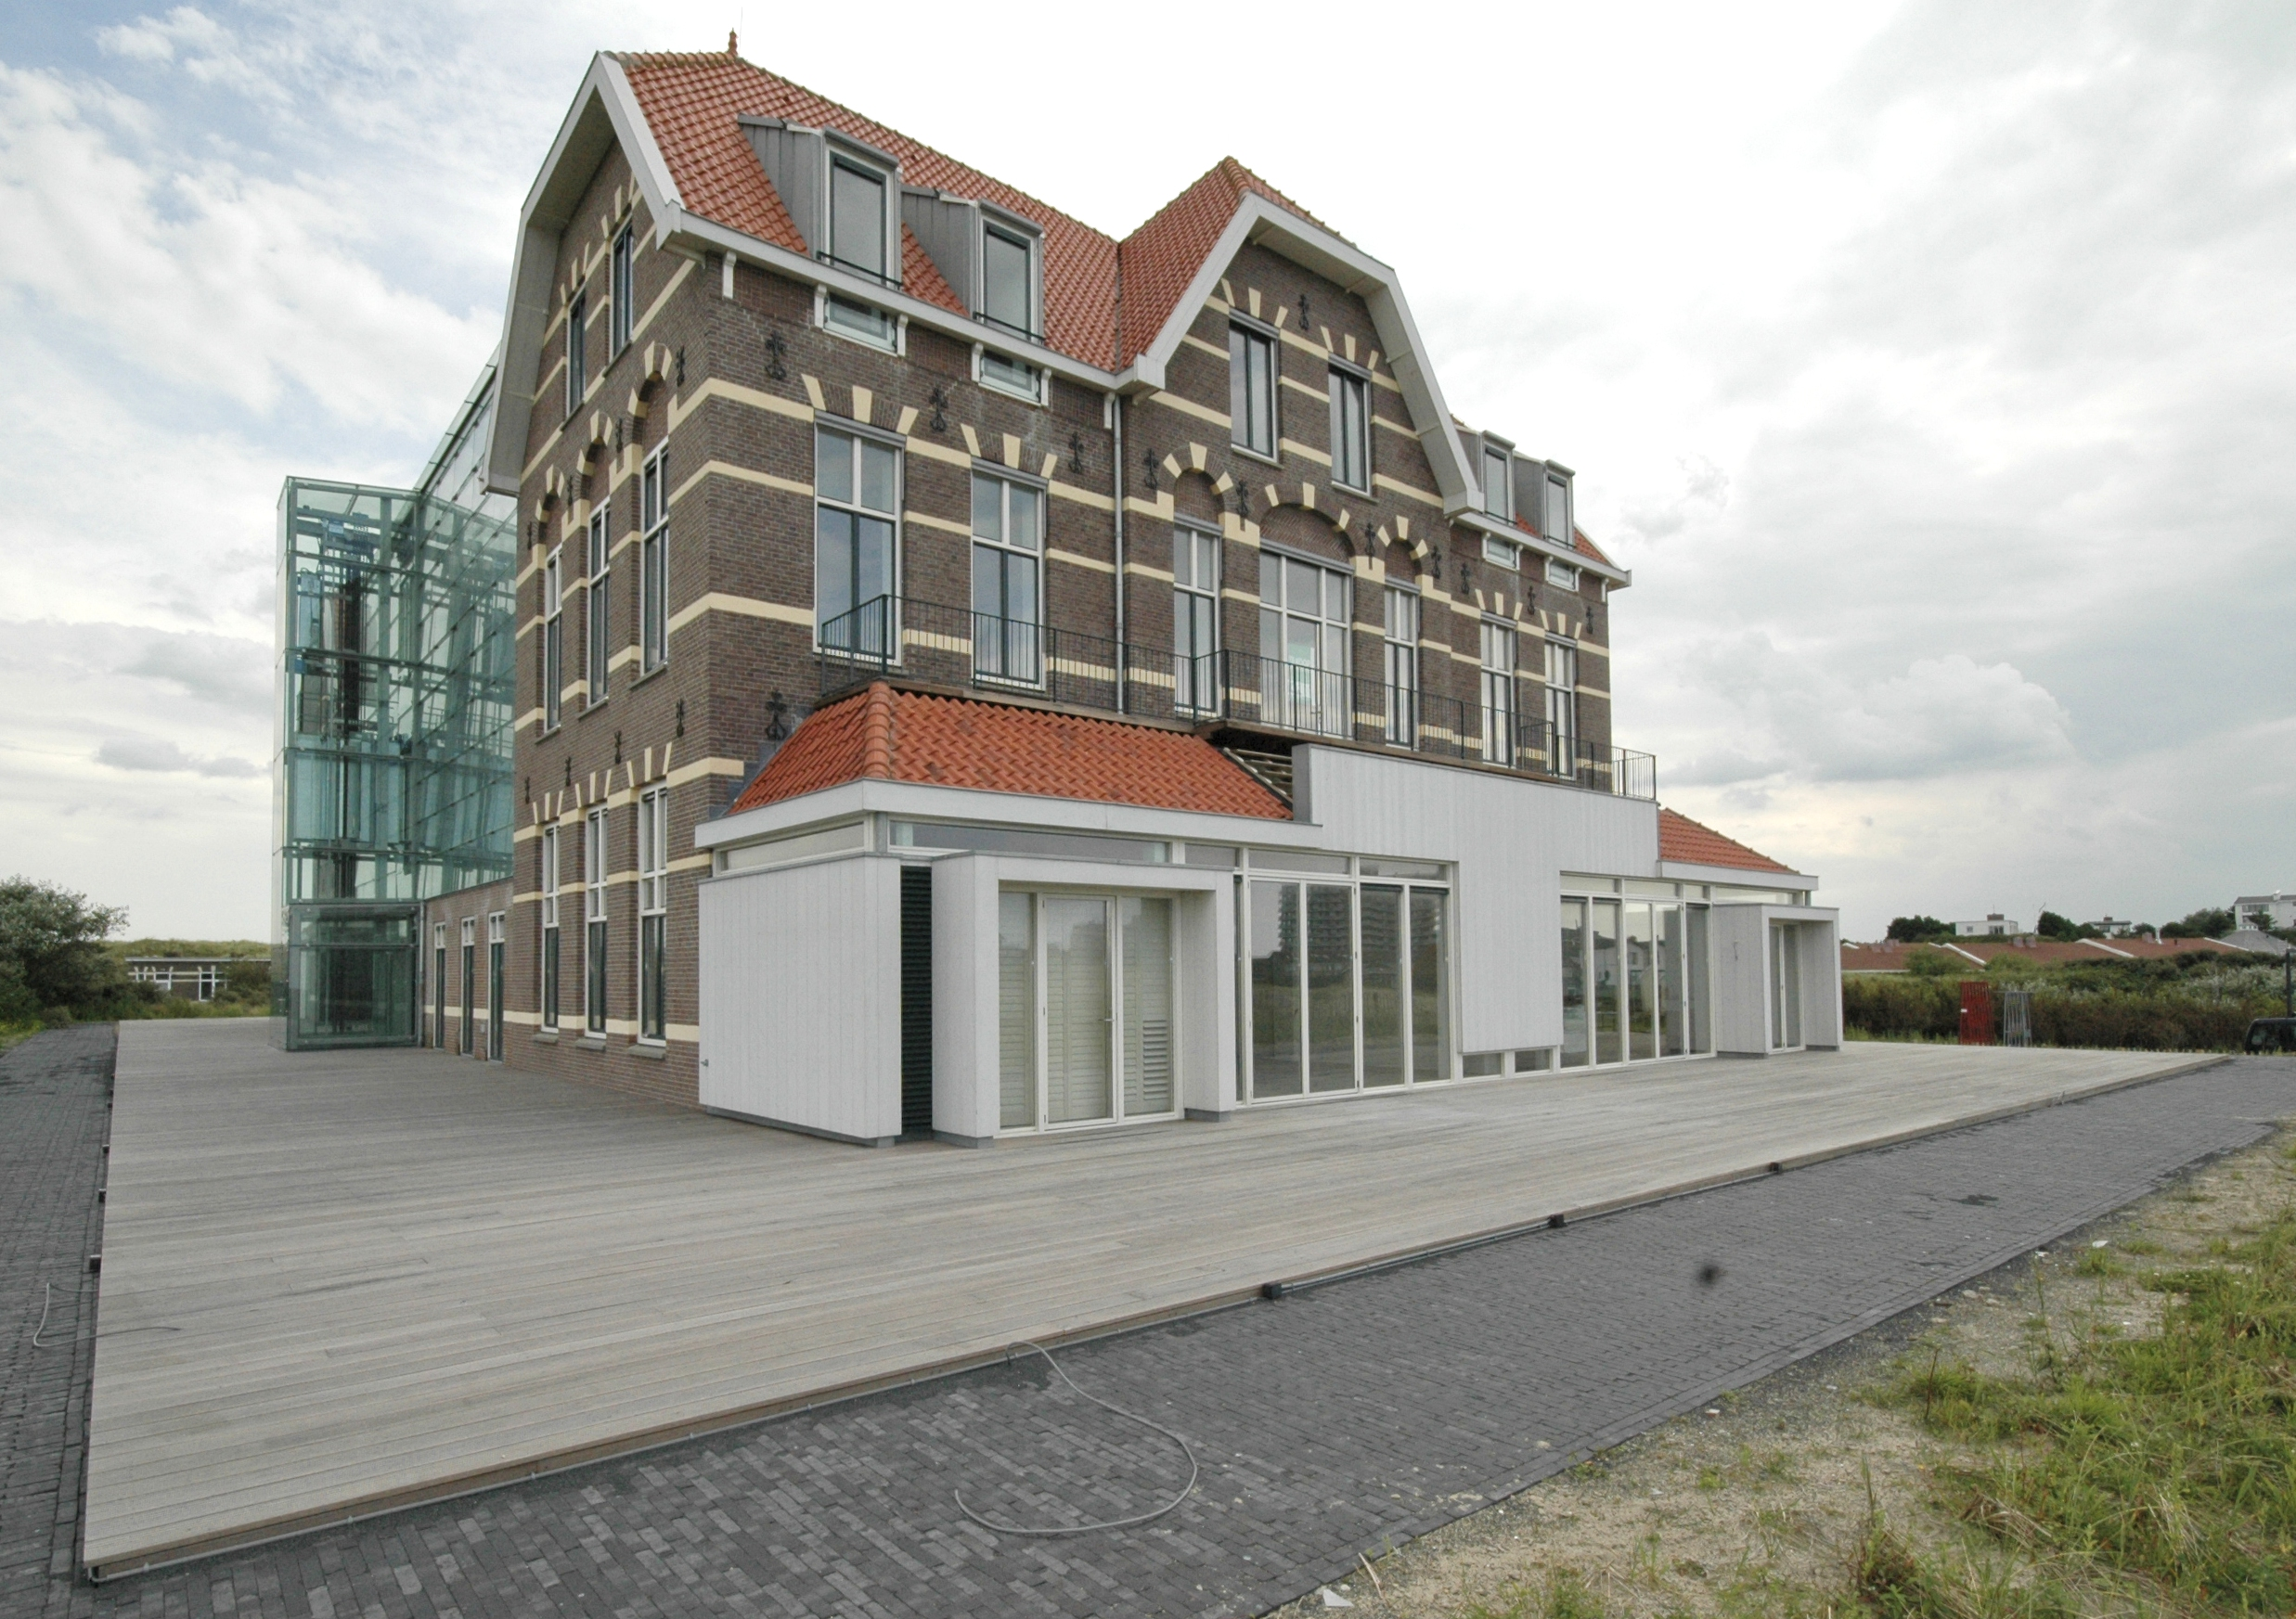 Koloniehuis, Egmond aan Zee (4)